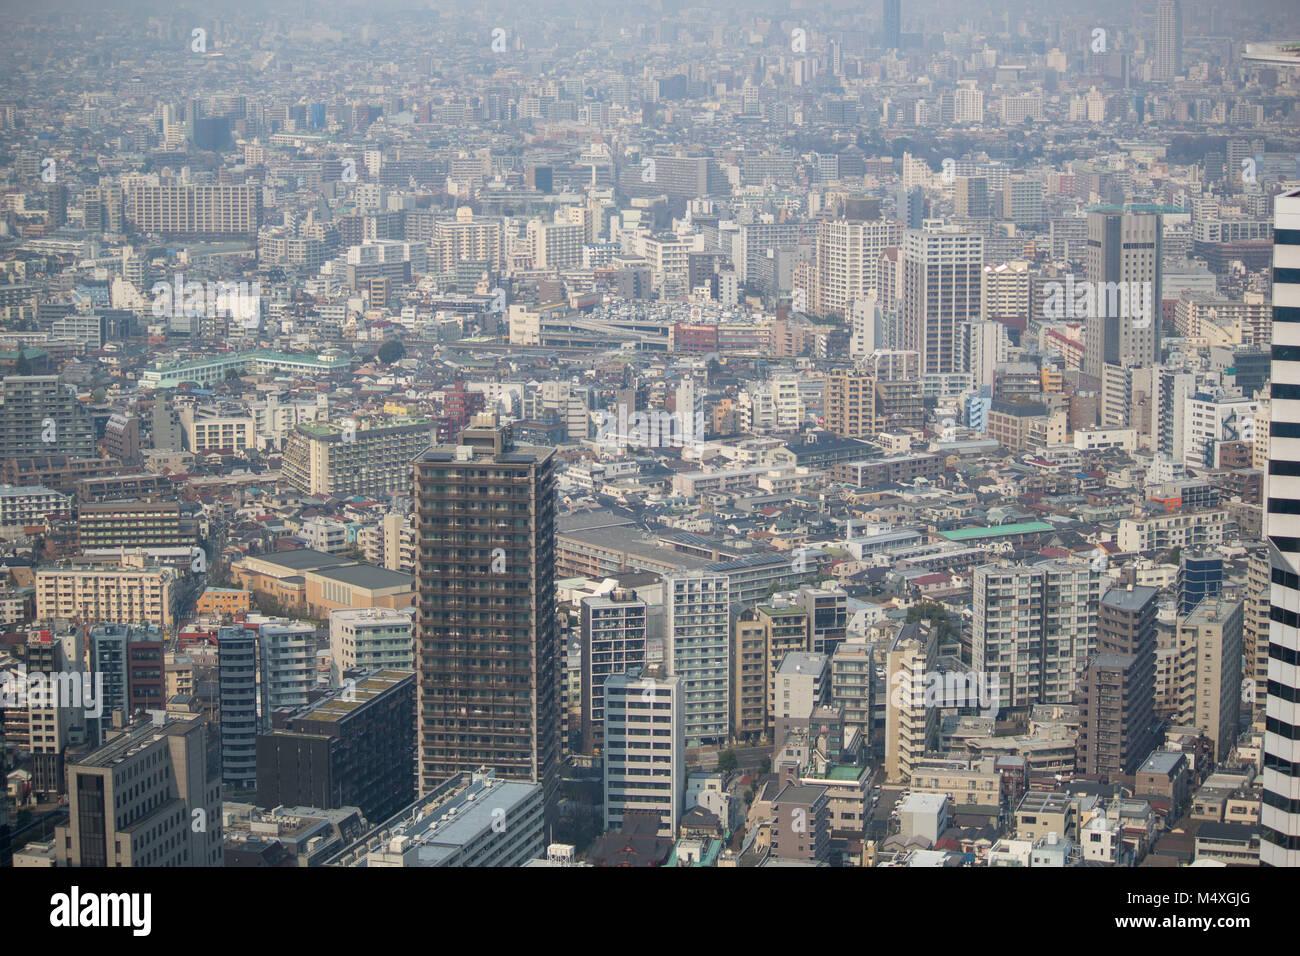 Die Aussicht vom 45. Stock des Tokyo Government Building zeigt ein Blick auf den Central Tokyo Stockbild